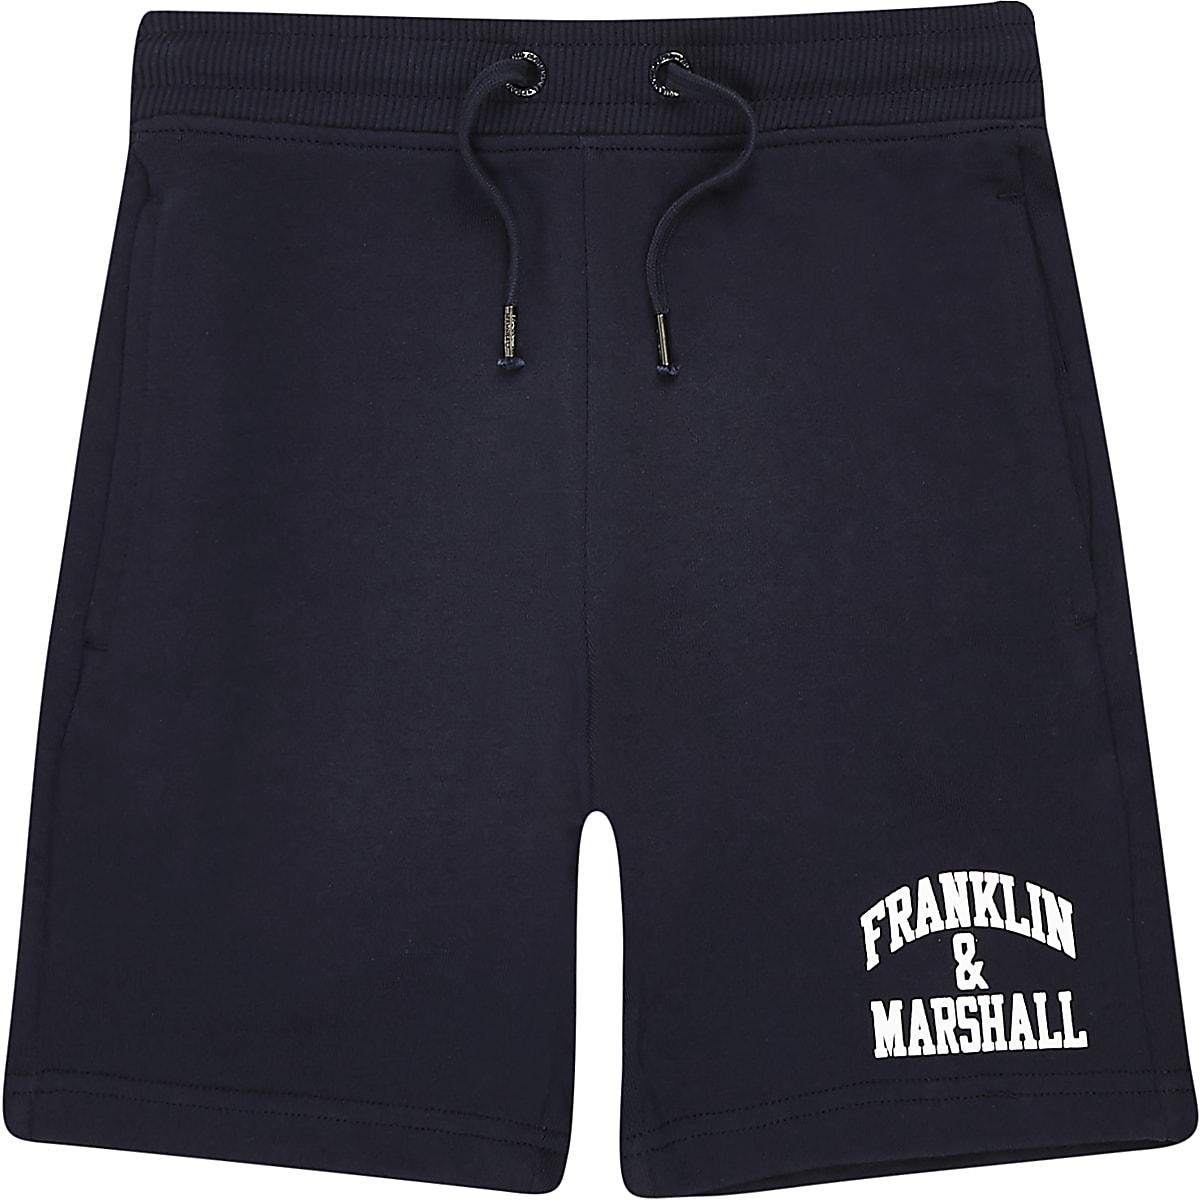 Boys navy Franklin & Marshall navy shorts